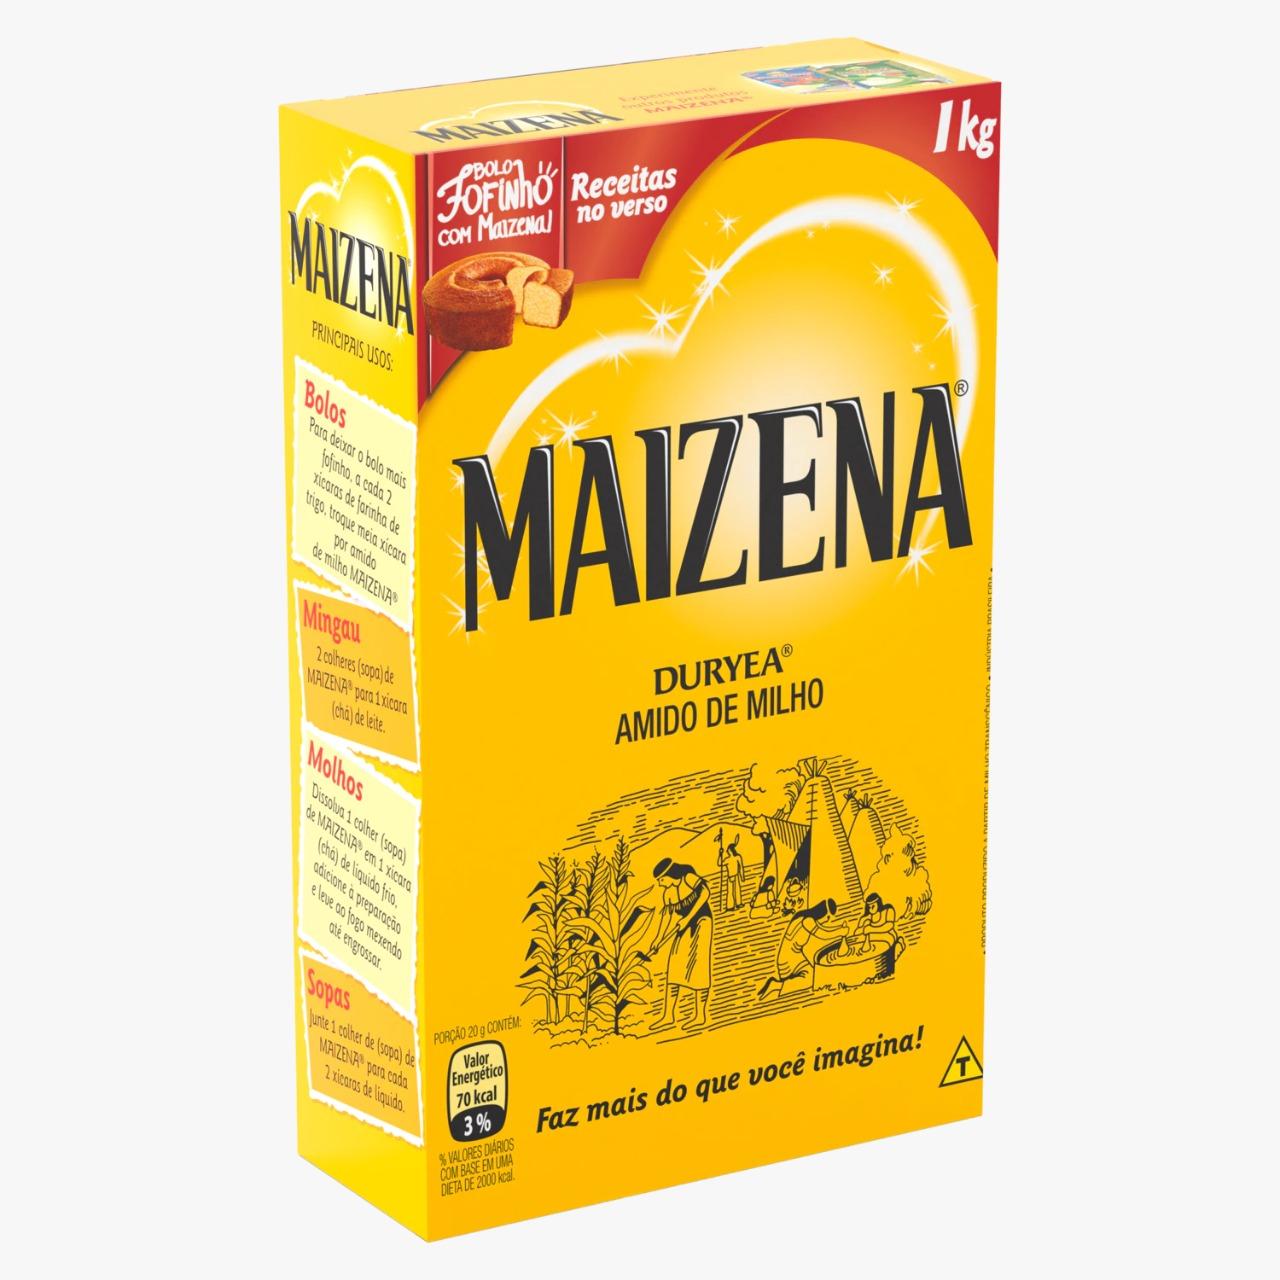 AMIDO DE MILHO MAIZENA 1 kg